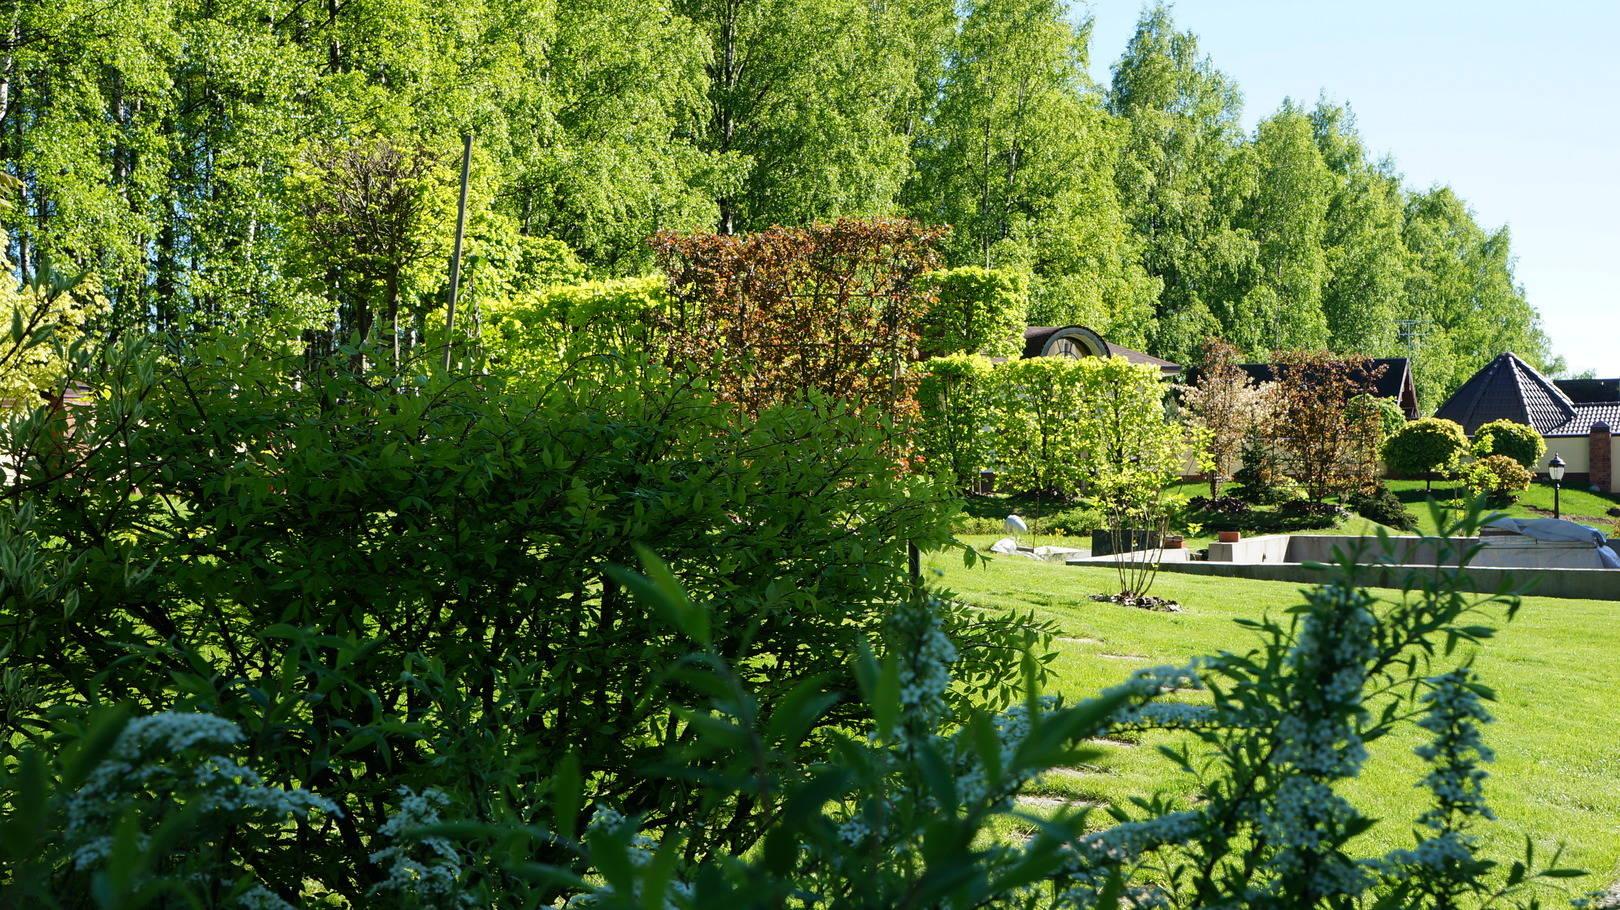 Сад многообразен по фактуре и цвету листвы растений и прекрасен в любое время года.